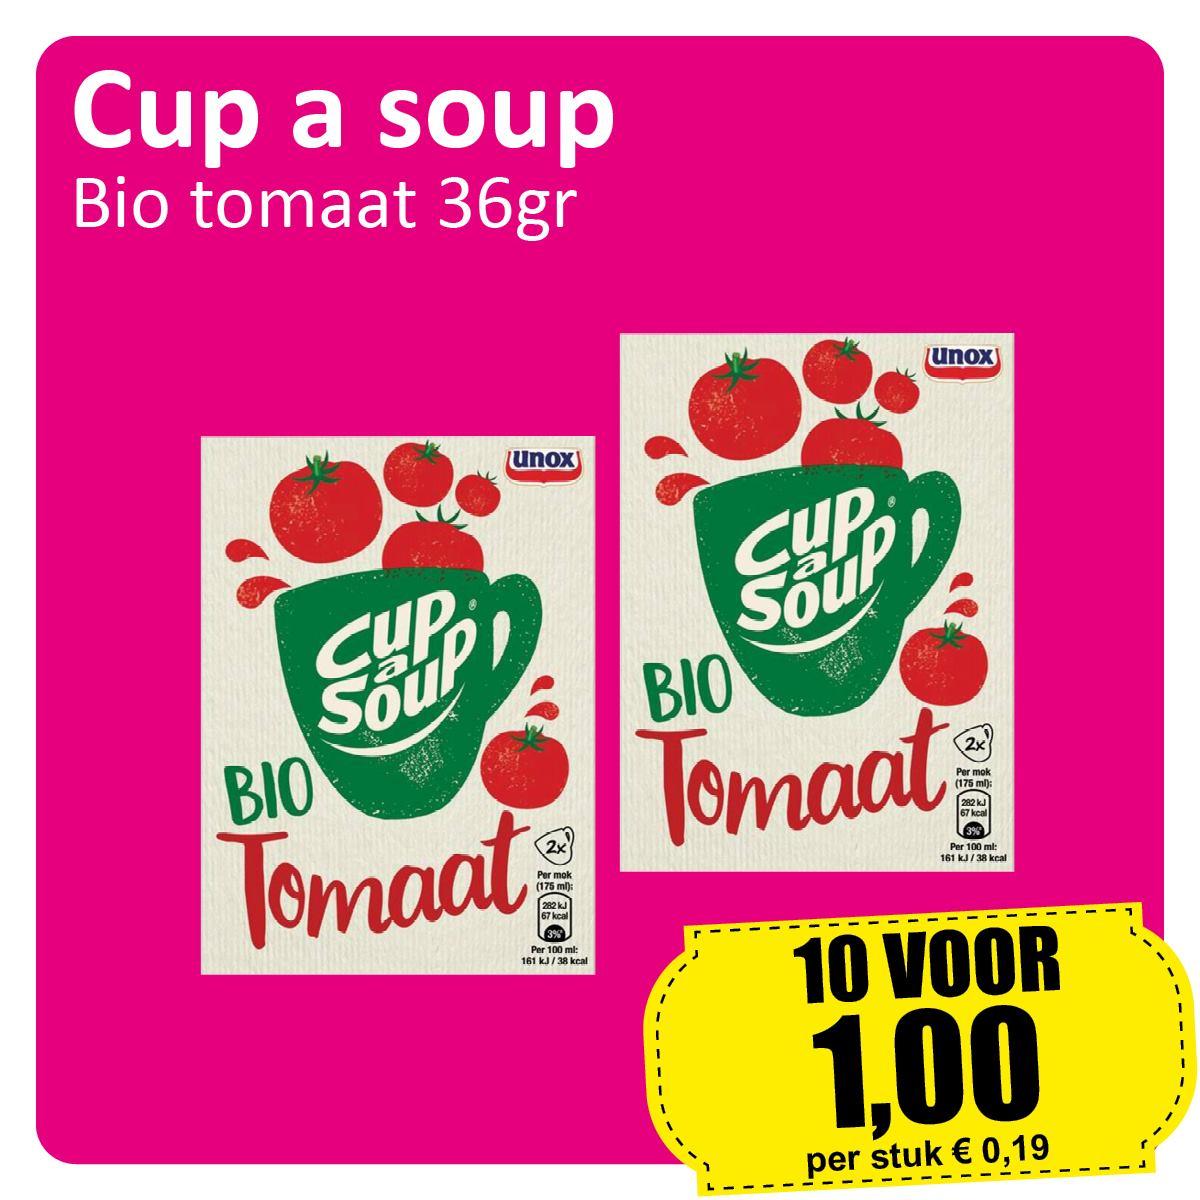 10 doosjes Cup a Soup Tomaat voor €1 @ Datumvoordeelshop